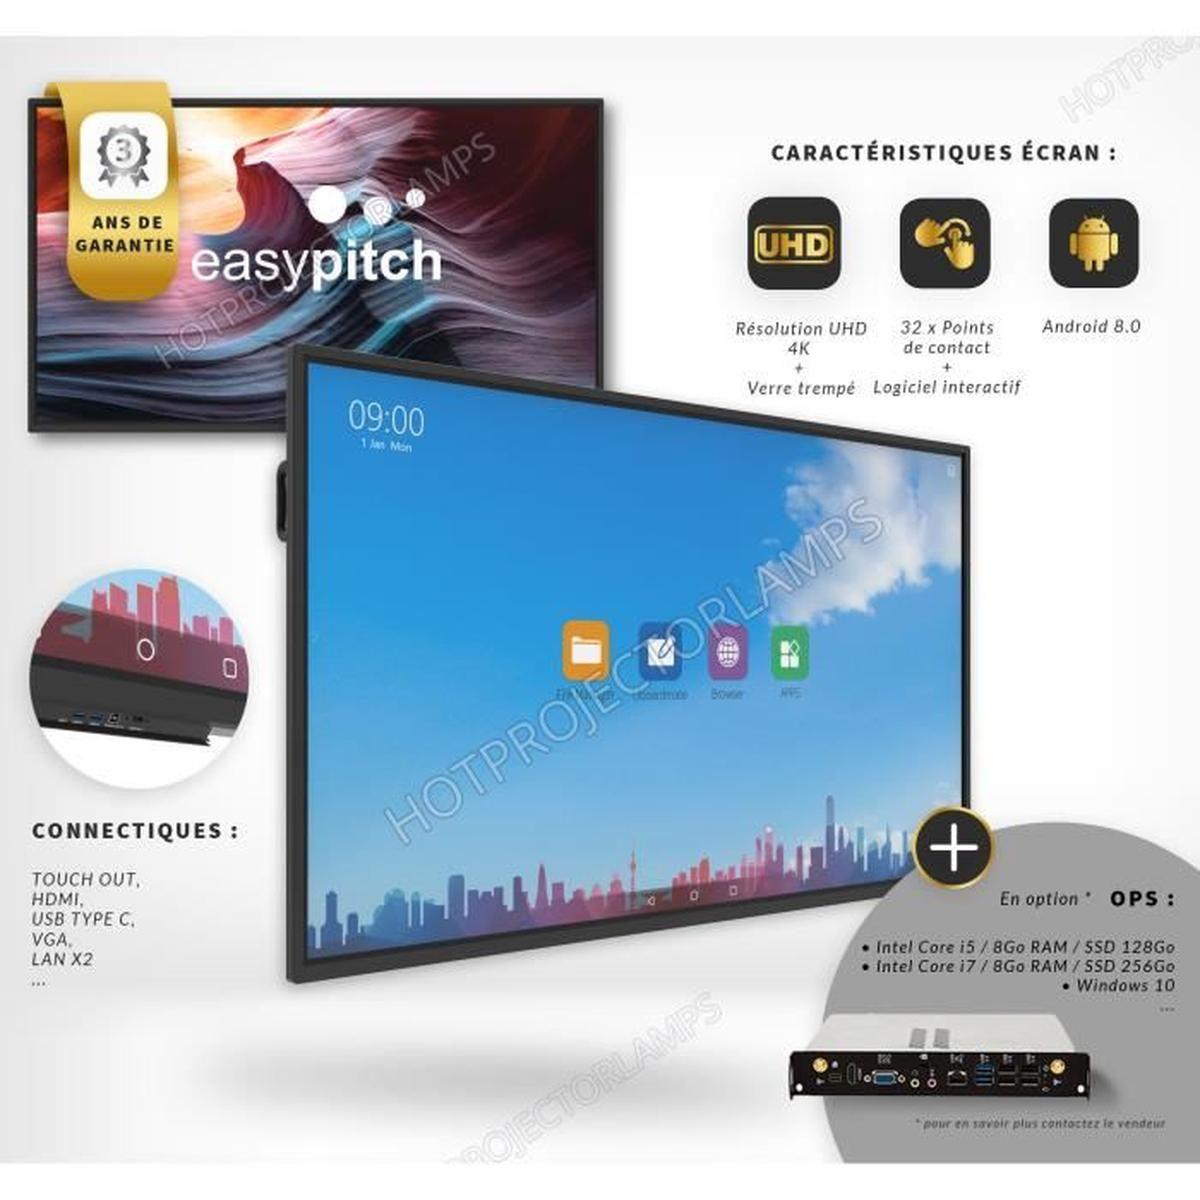 Easypitch Advance- Ecran Interactif 65 Pouces 4K Uhd destiné Ordinateur 3 Ans